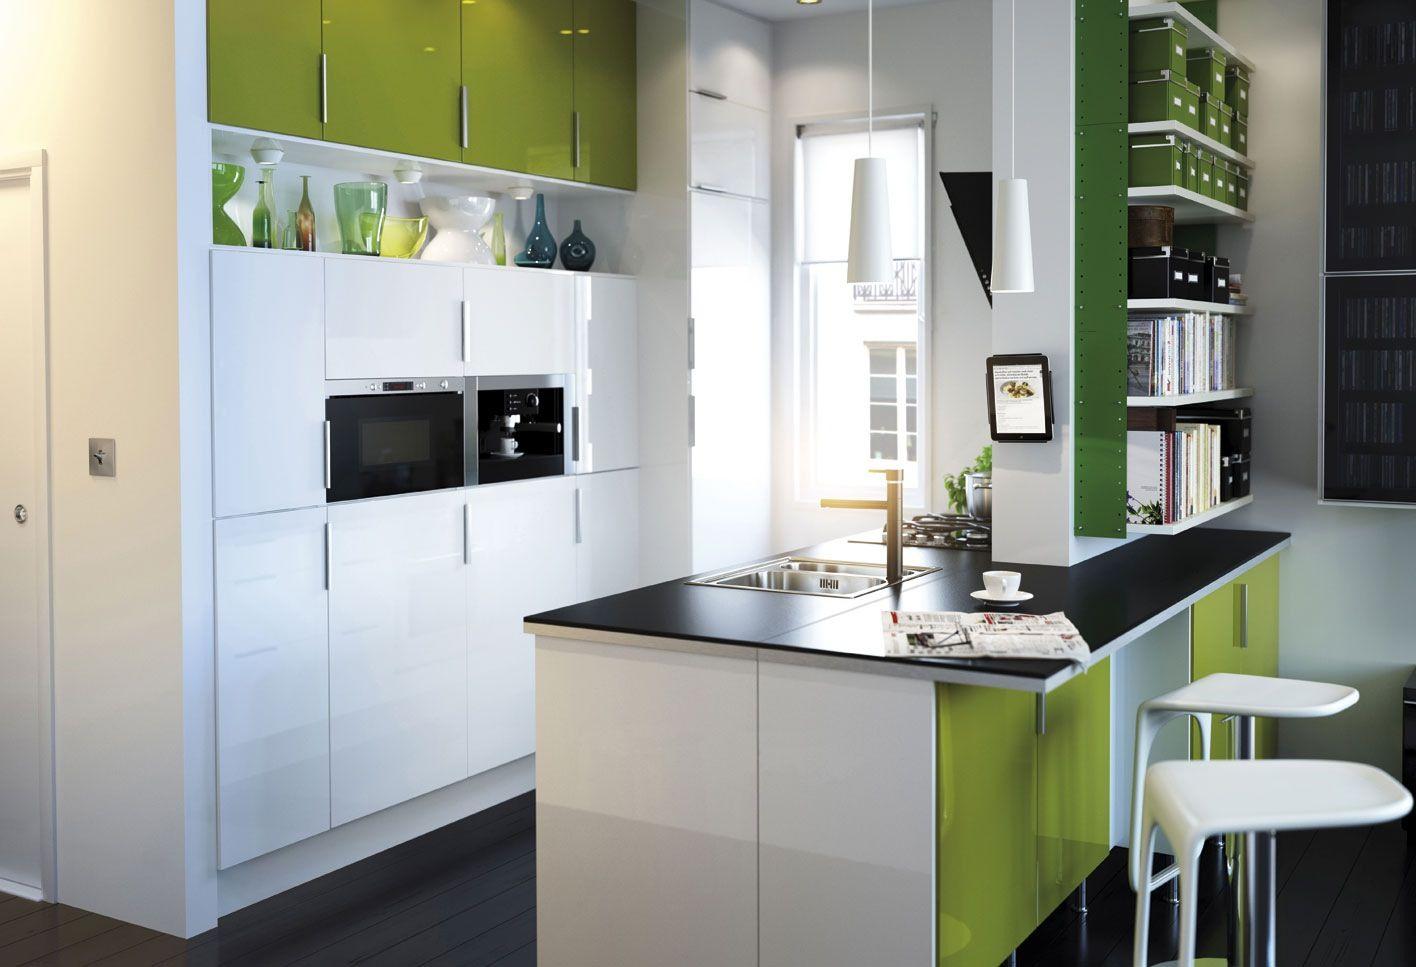 окунают дизайн кухни из мебели икеа фото главных причин высокого